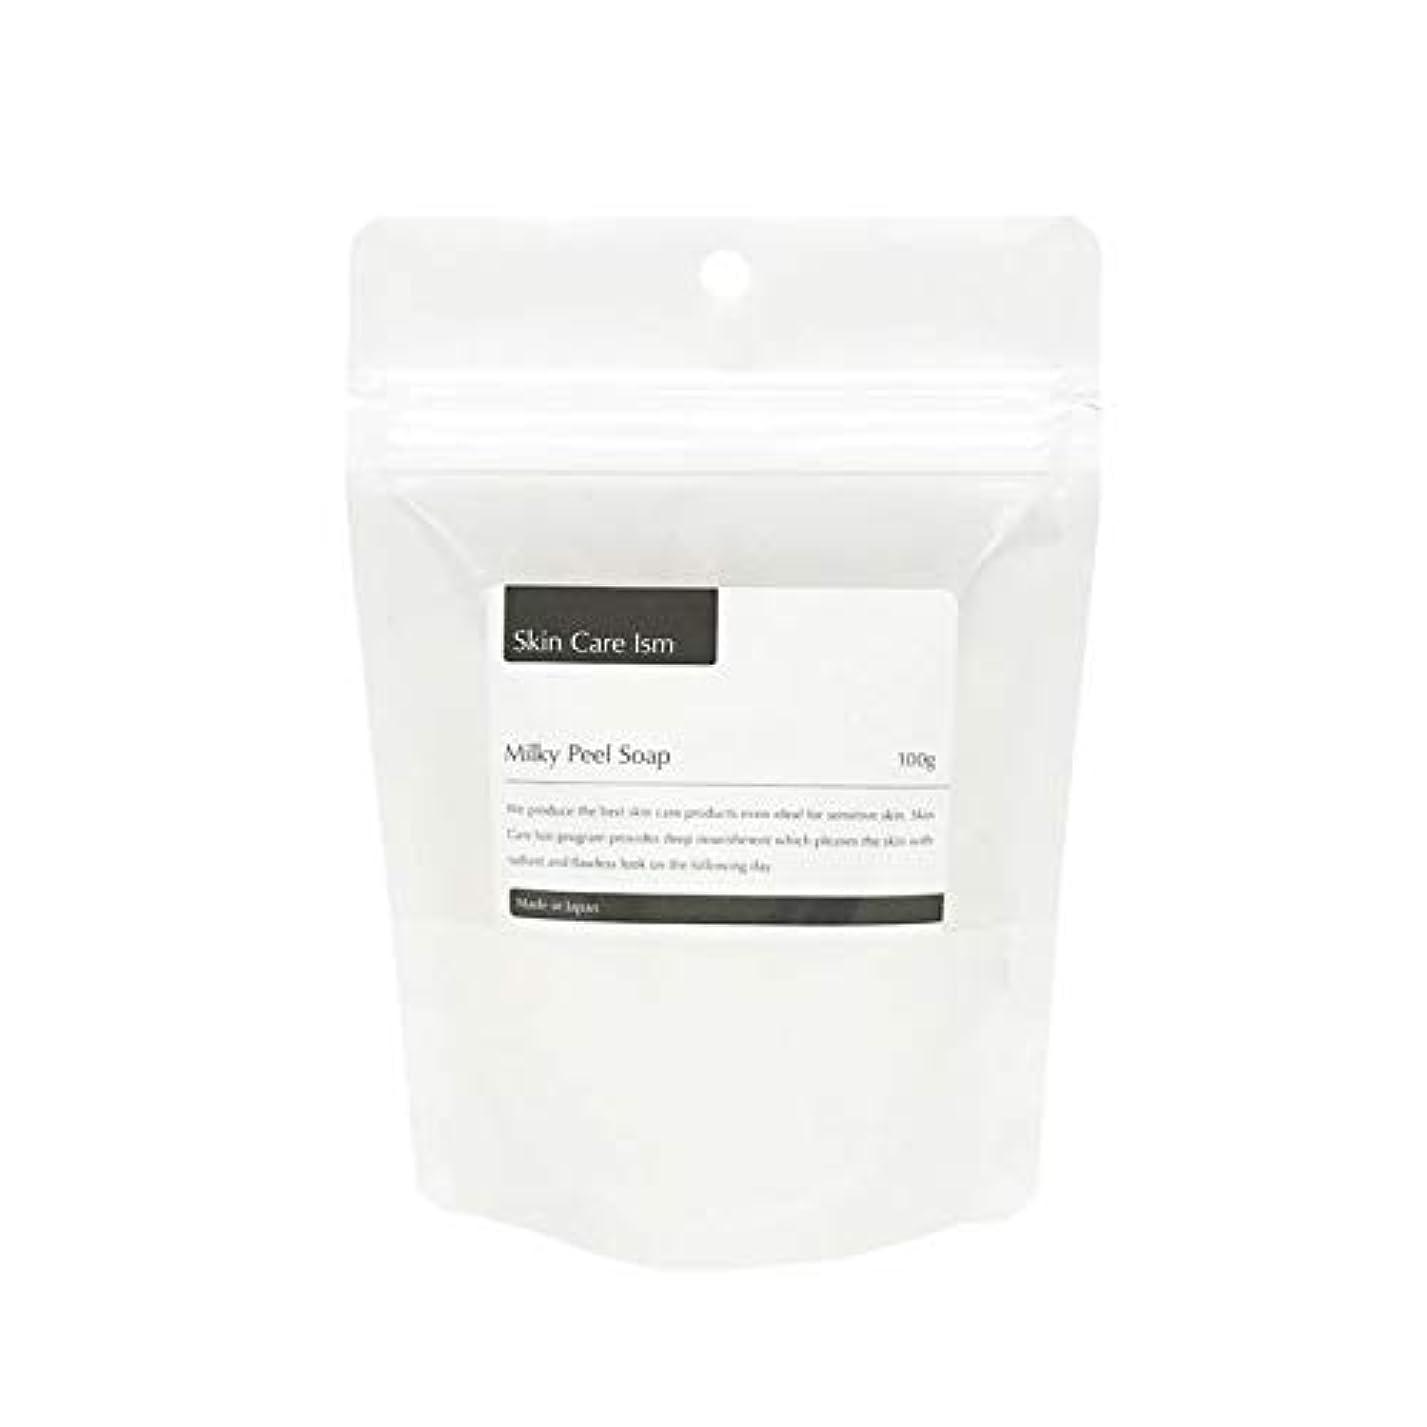 実用的前部アレキサンダーグラハムベル【Skin Care Ism / Milky Peel Soap】スキンケアイズム?ミルキーピールソープ